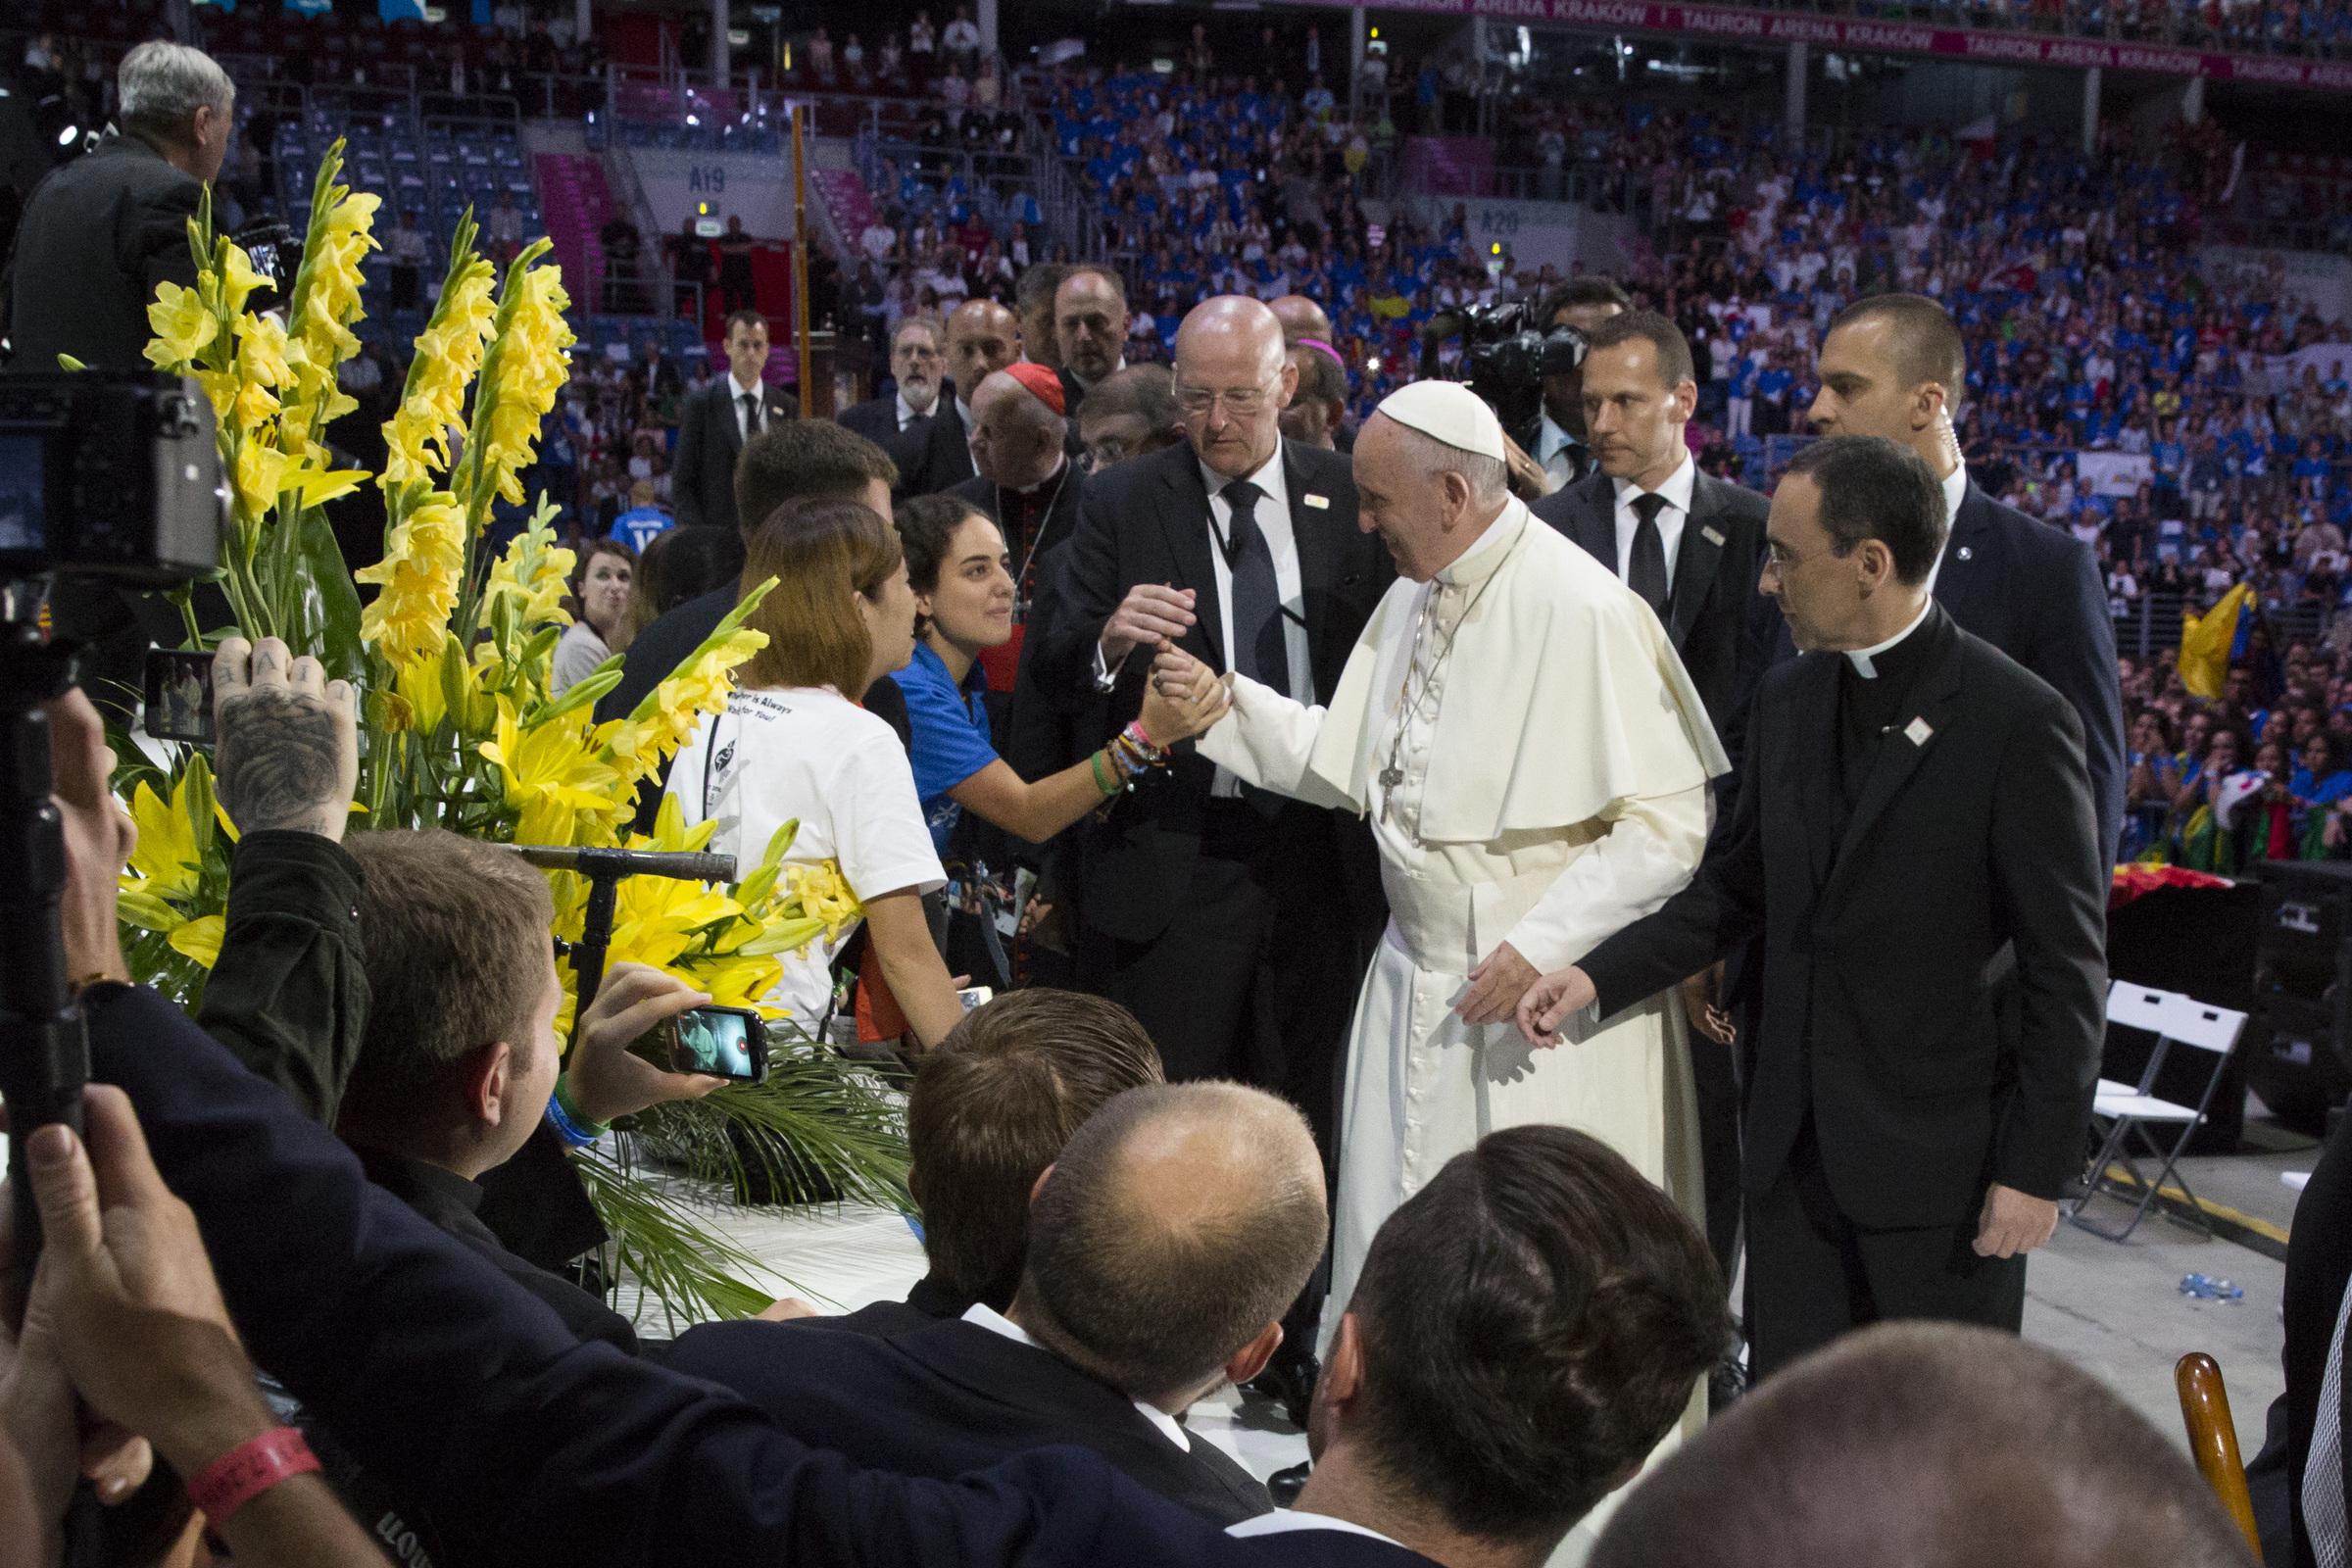 Pope meets volunteers